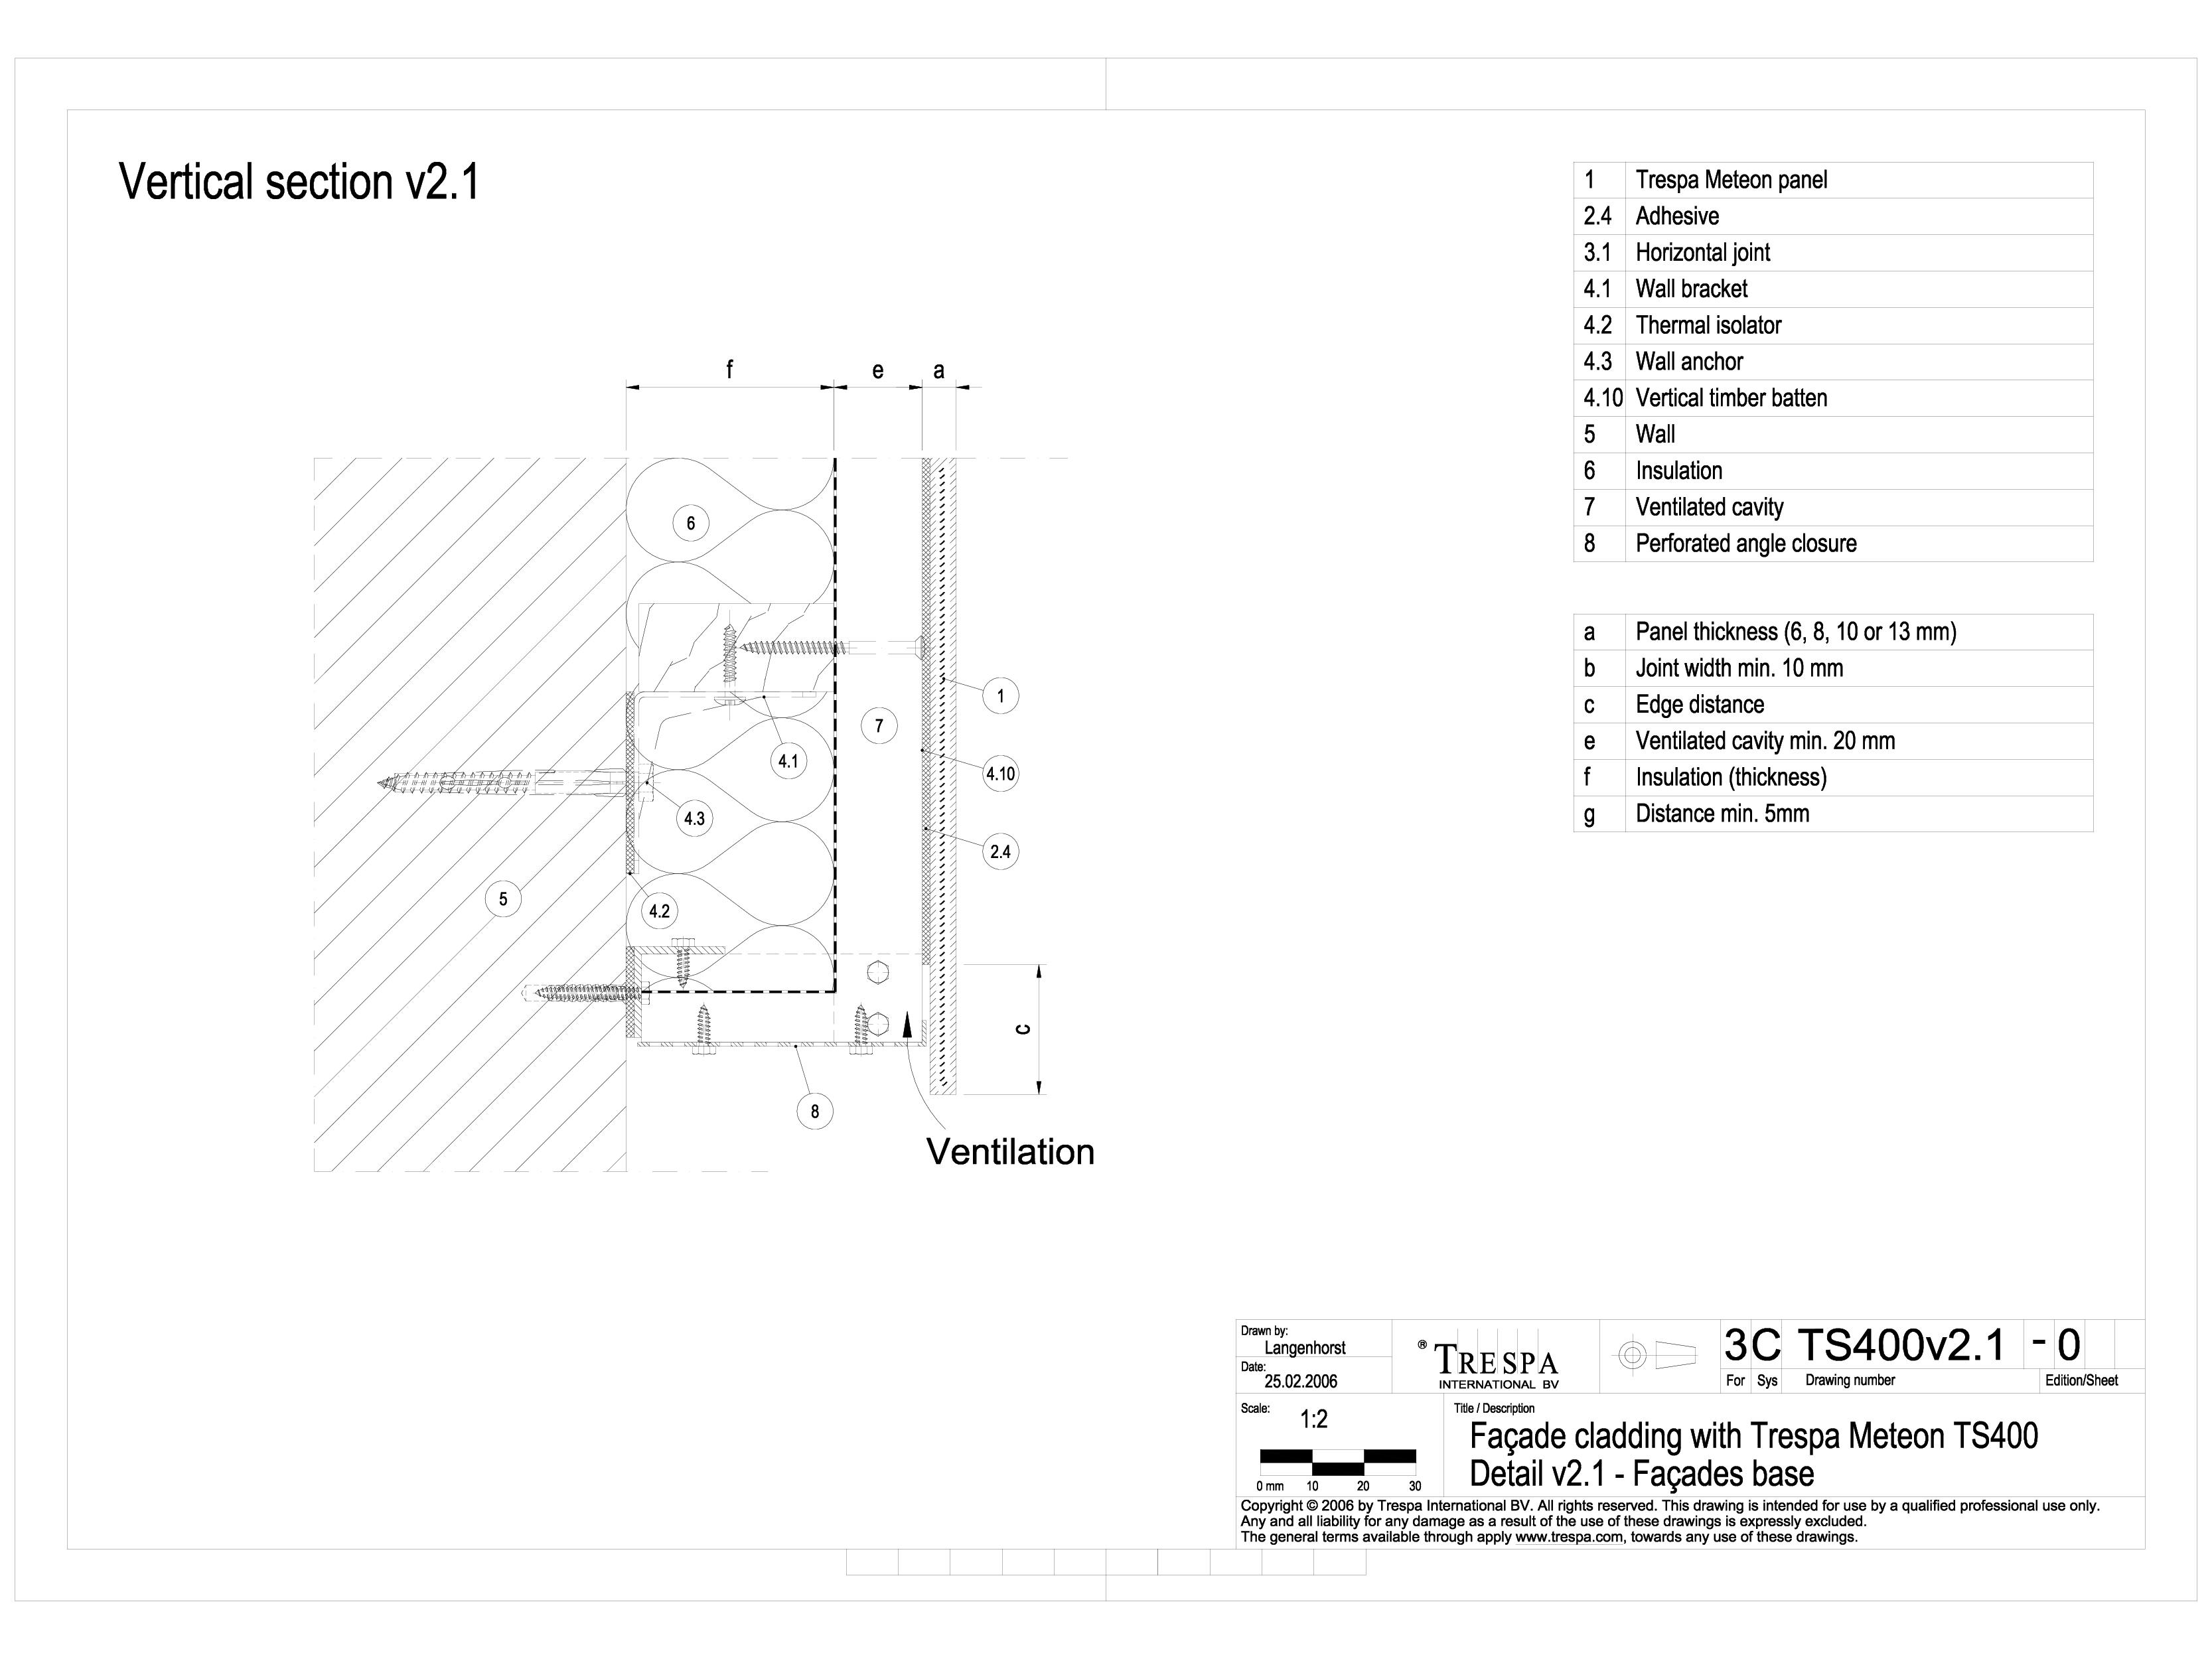 Sisteme de prindere fatade ventilate invizibile cu adeziv si suruburi, detaliu de prindere la baza fatadei METEON TRESPA Placi HPL pentru fatade ventilate GIBB TECHNOLOGIES  - Pagina 1